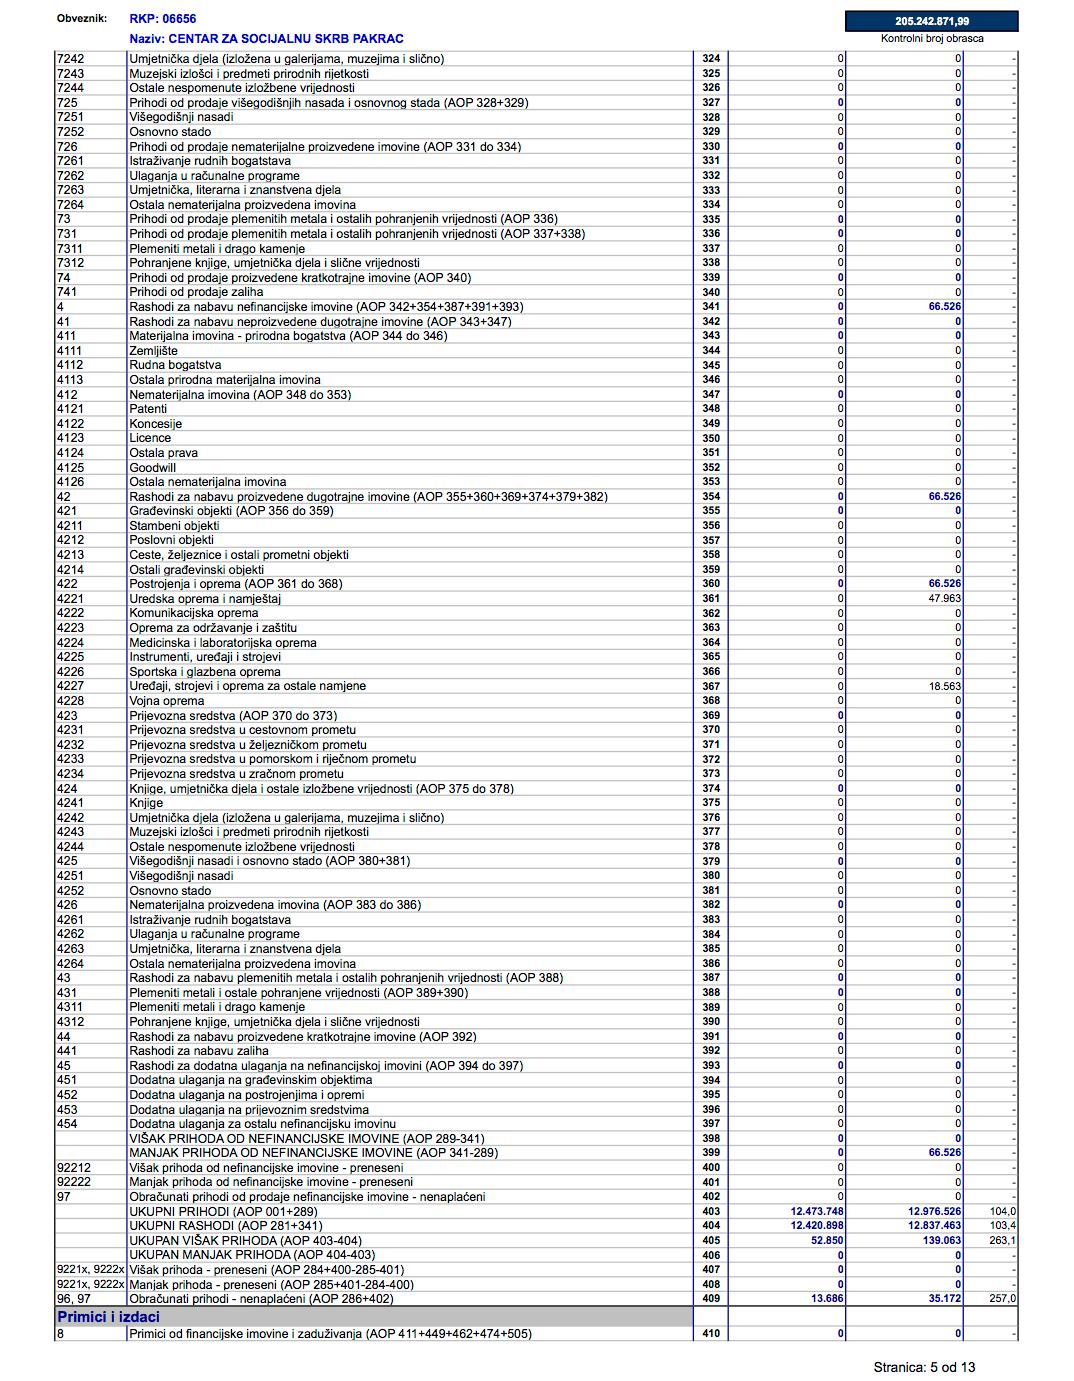 Izvještaj Centra o prihodima i rashodima, primicima i izdacima za 2019. godinu - stranica 5